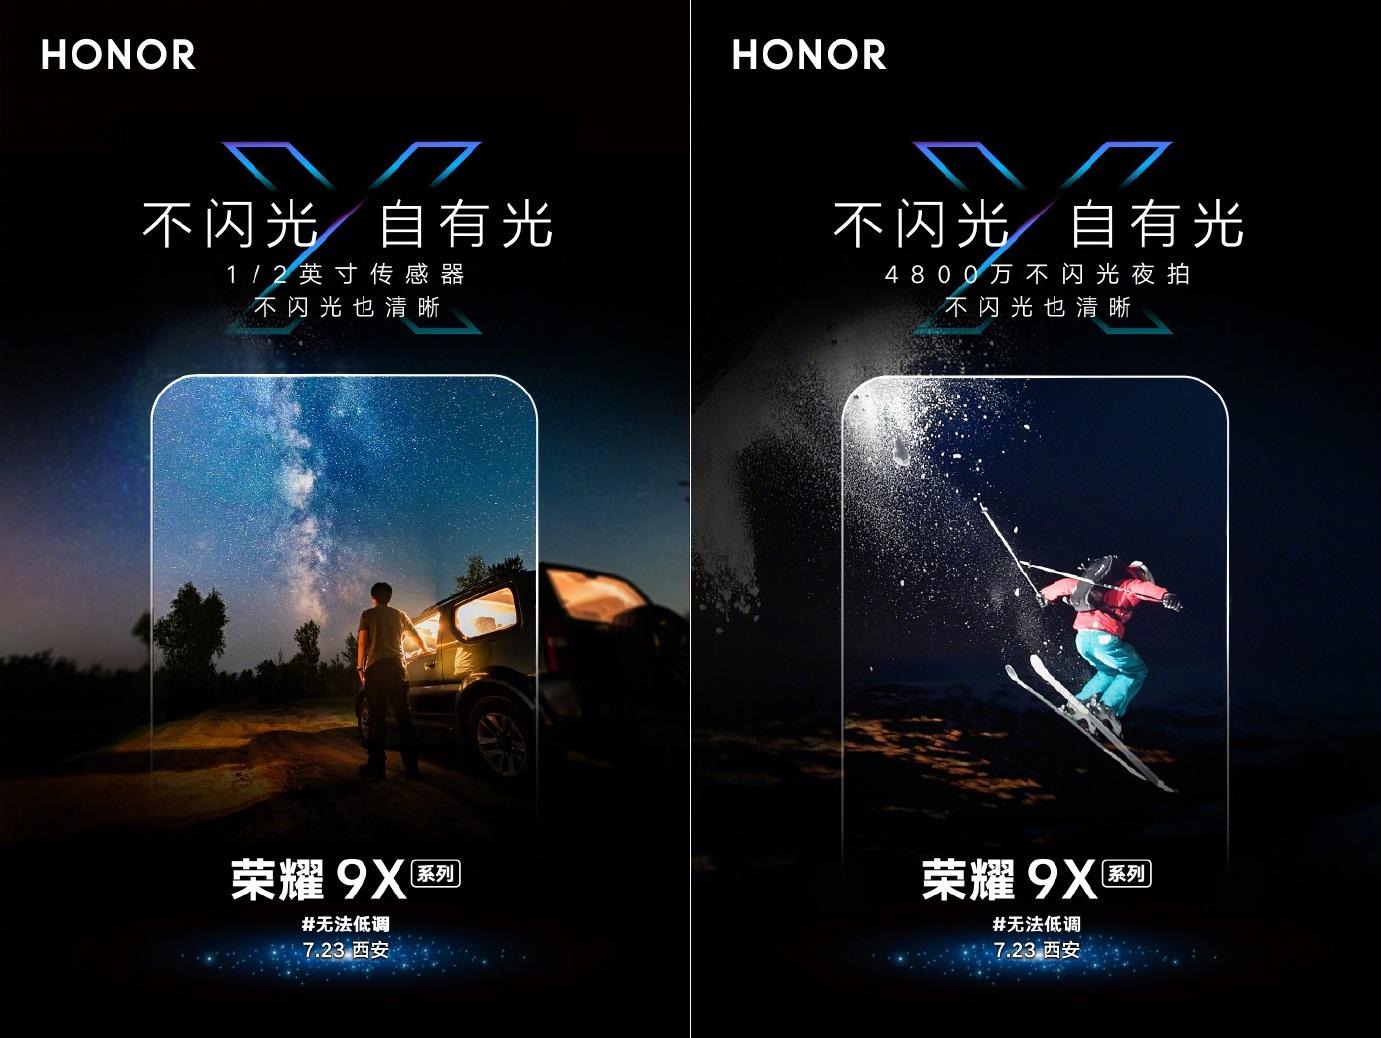 Le Honor 9X proposerait enfin un bon appareil photo en basse lumière